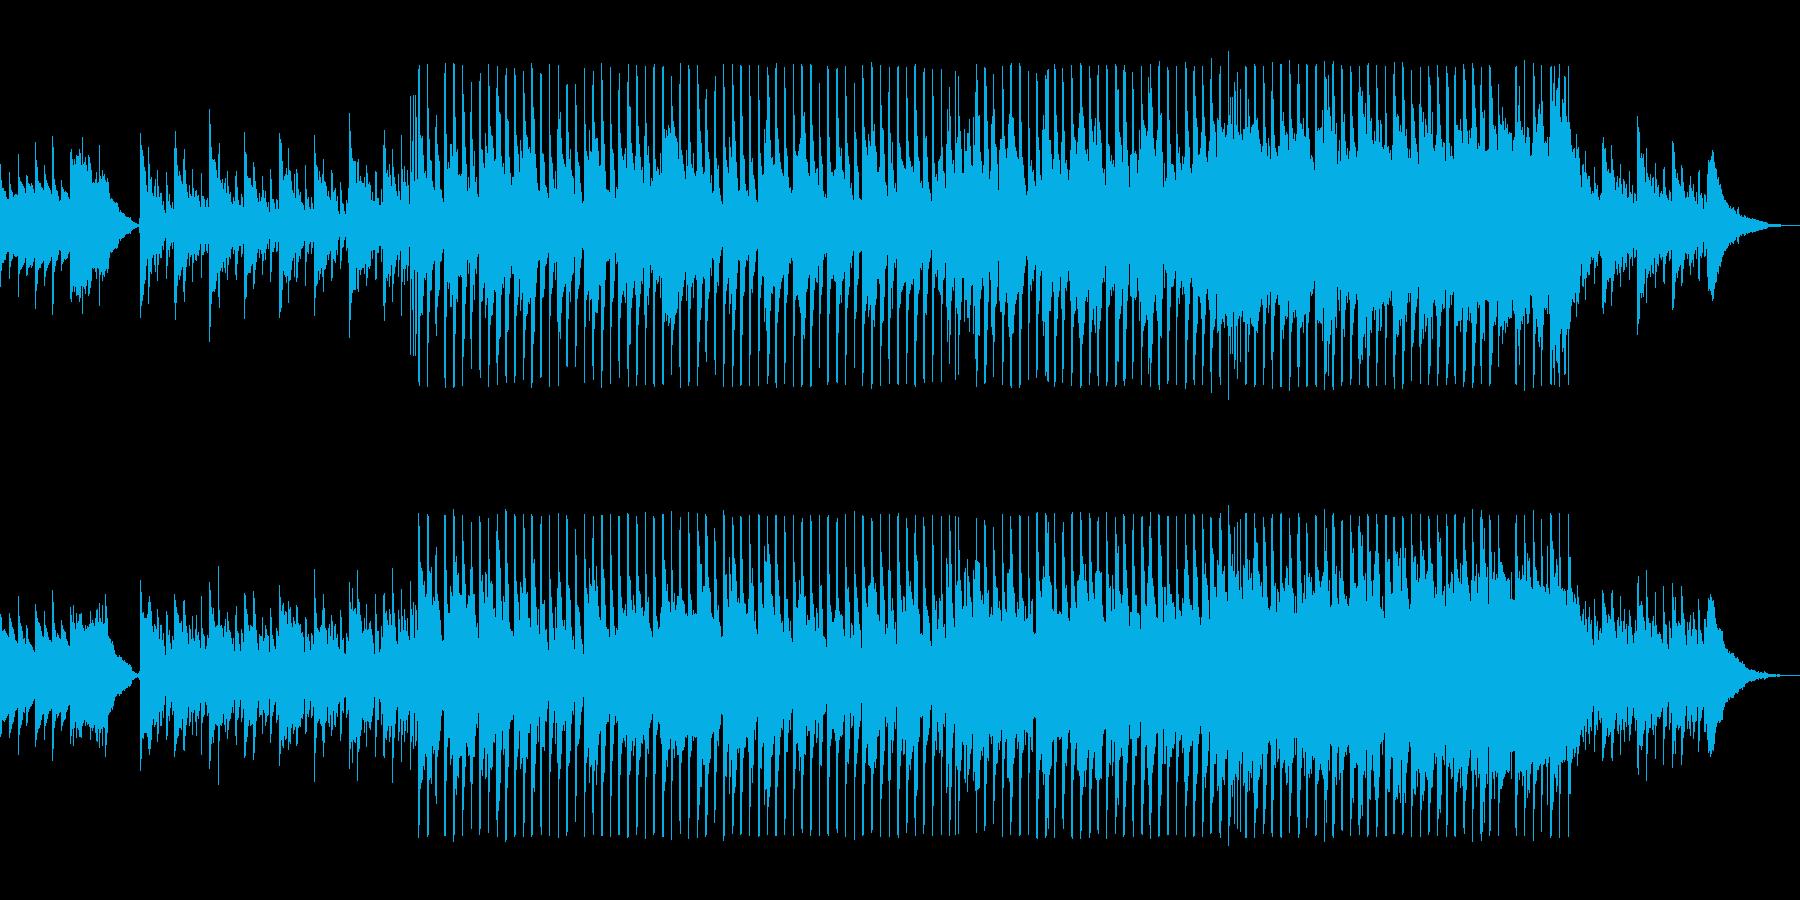 映像に合うかわいいクリスマスBGMの再生済みの波形